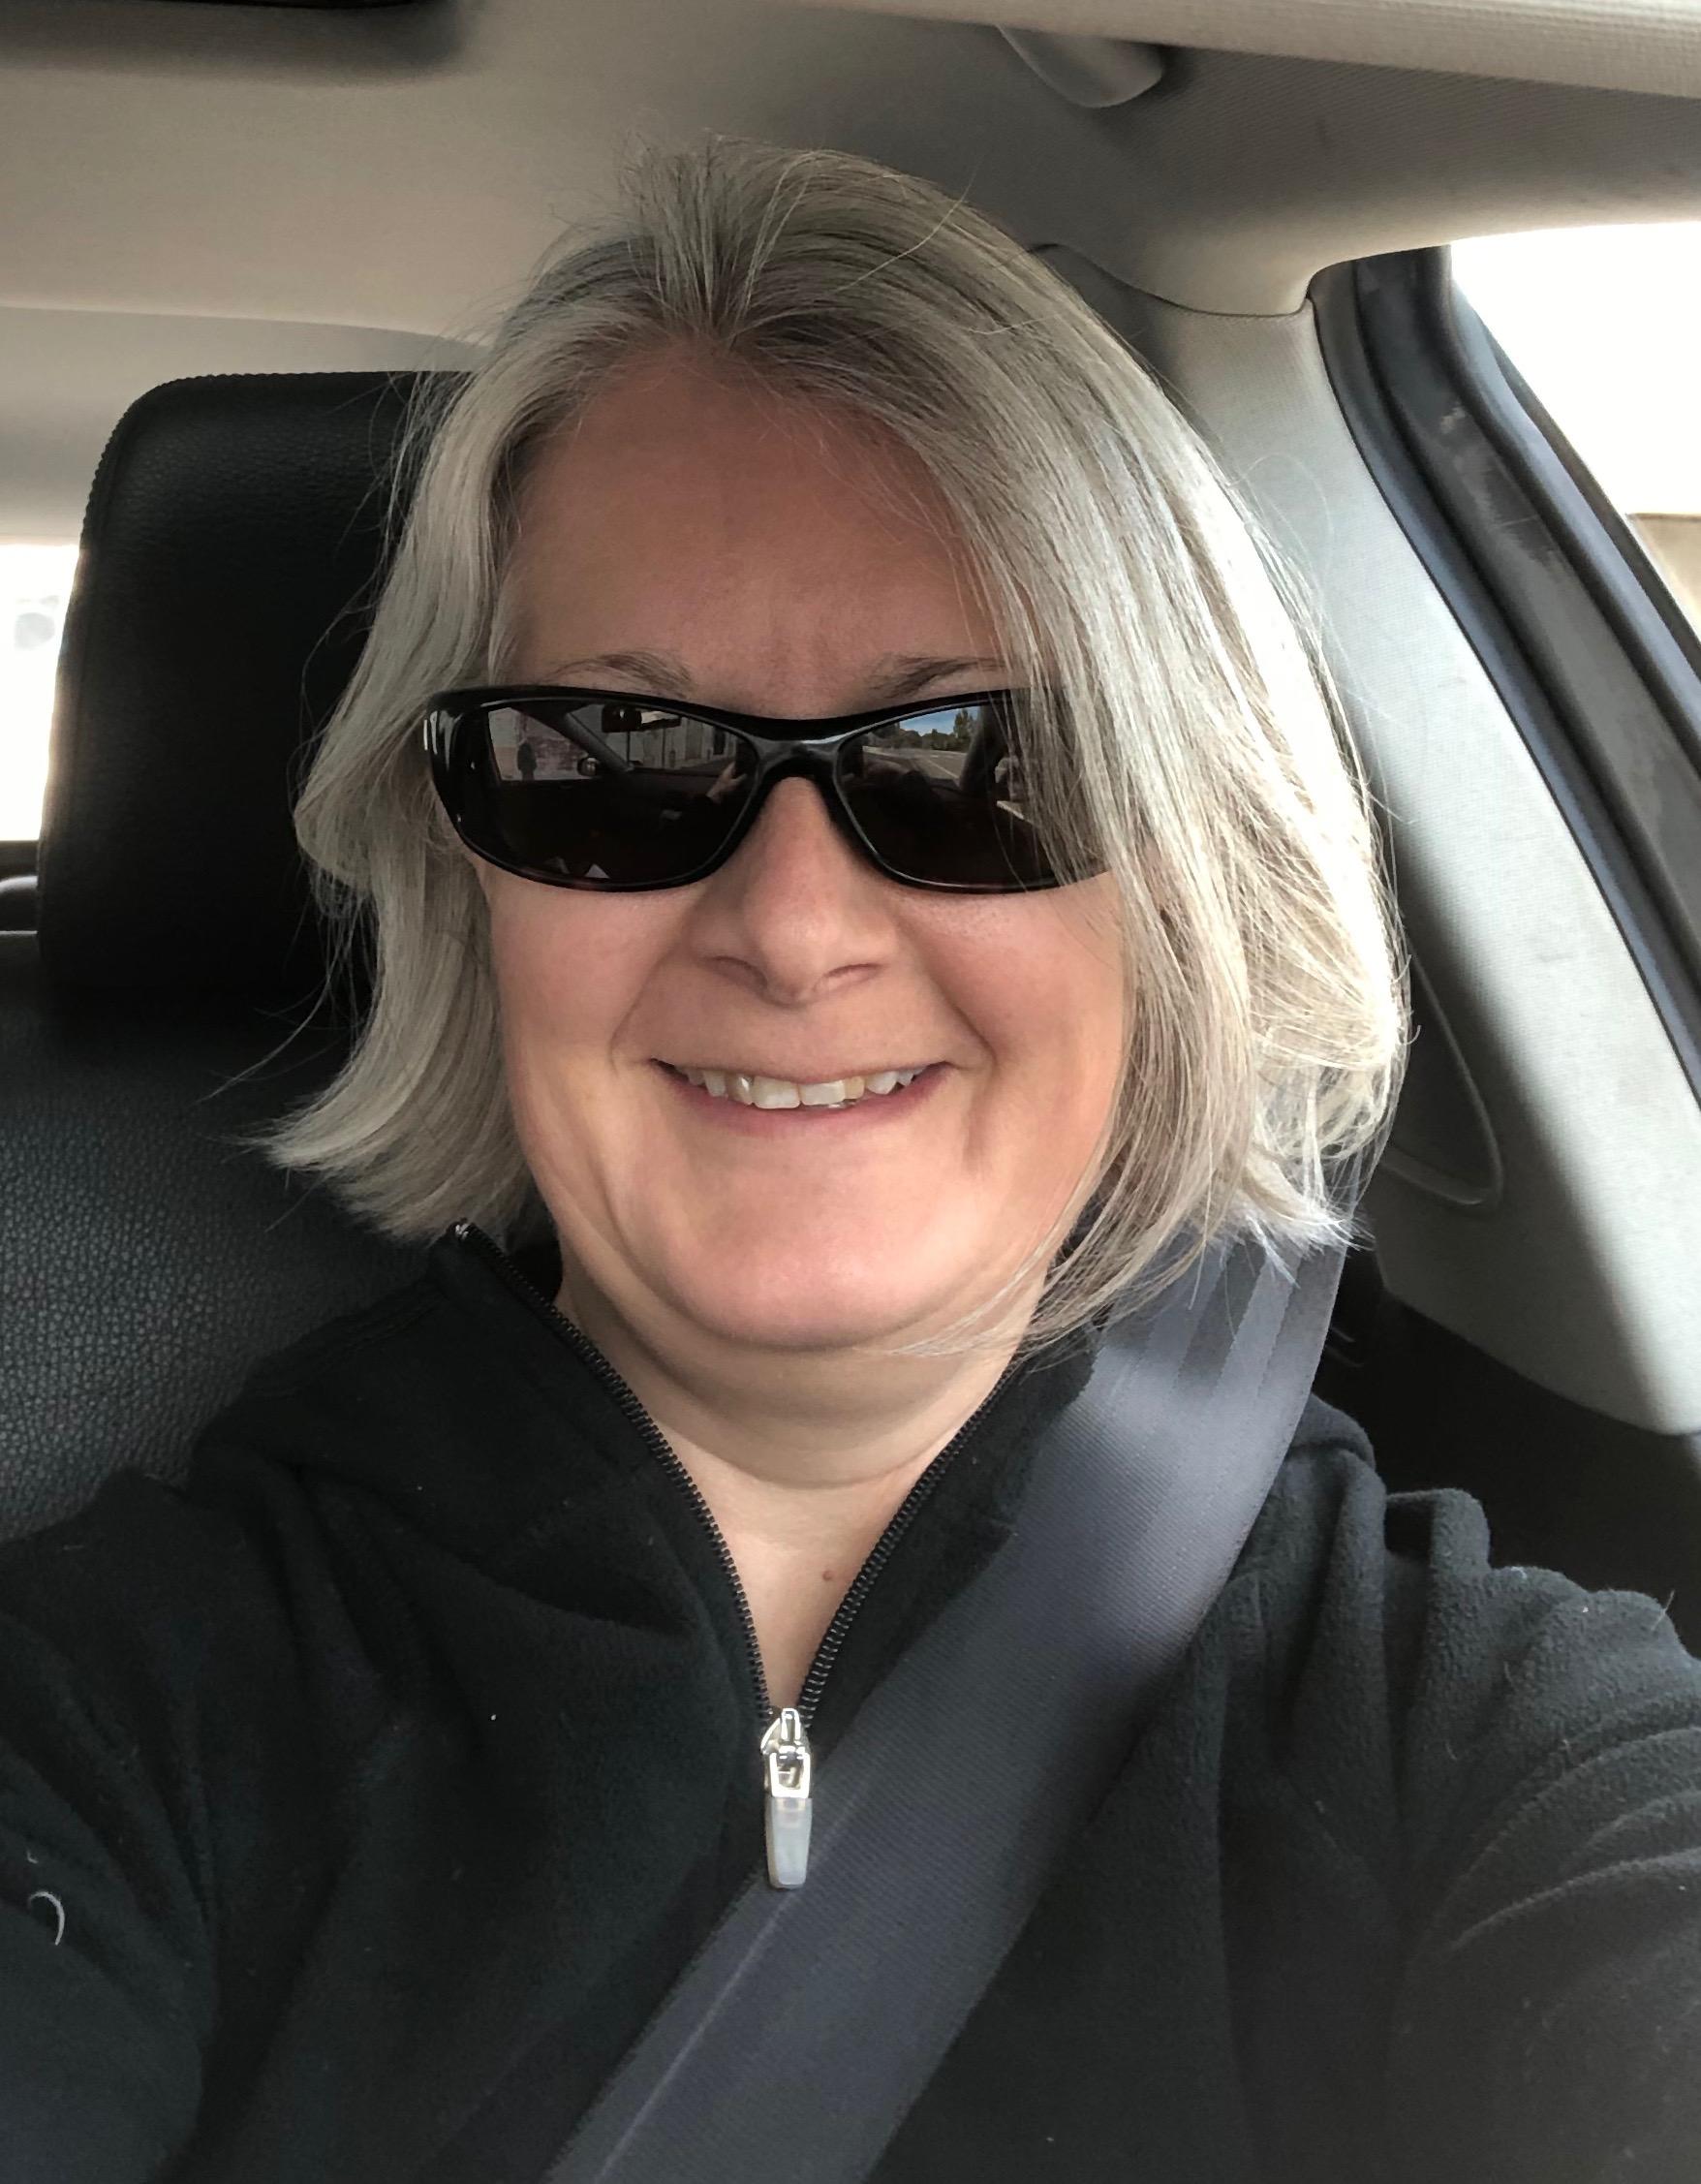 Headshot in the car